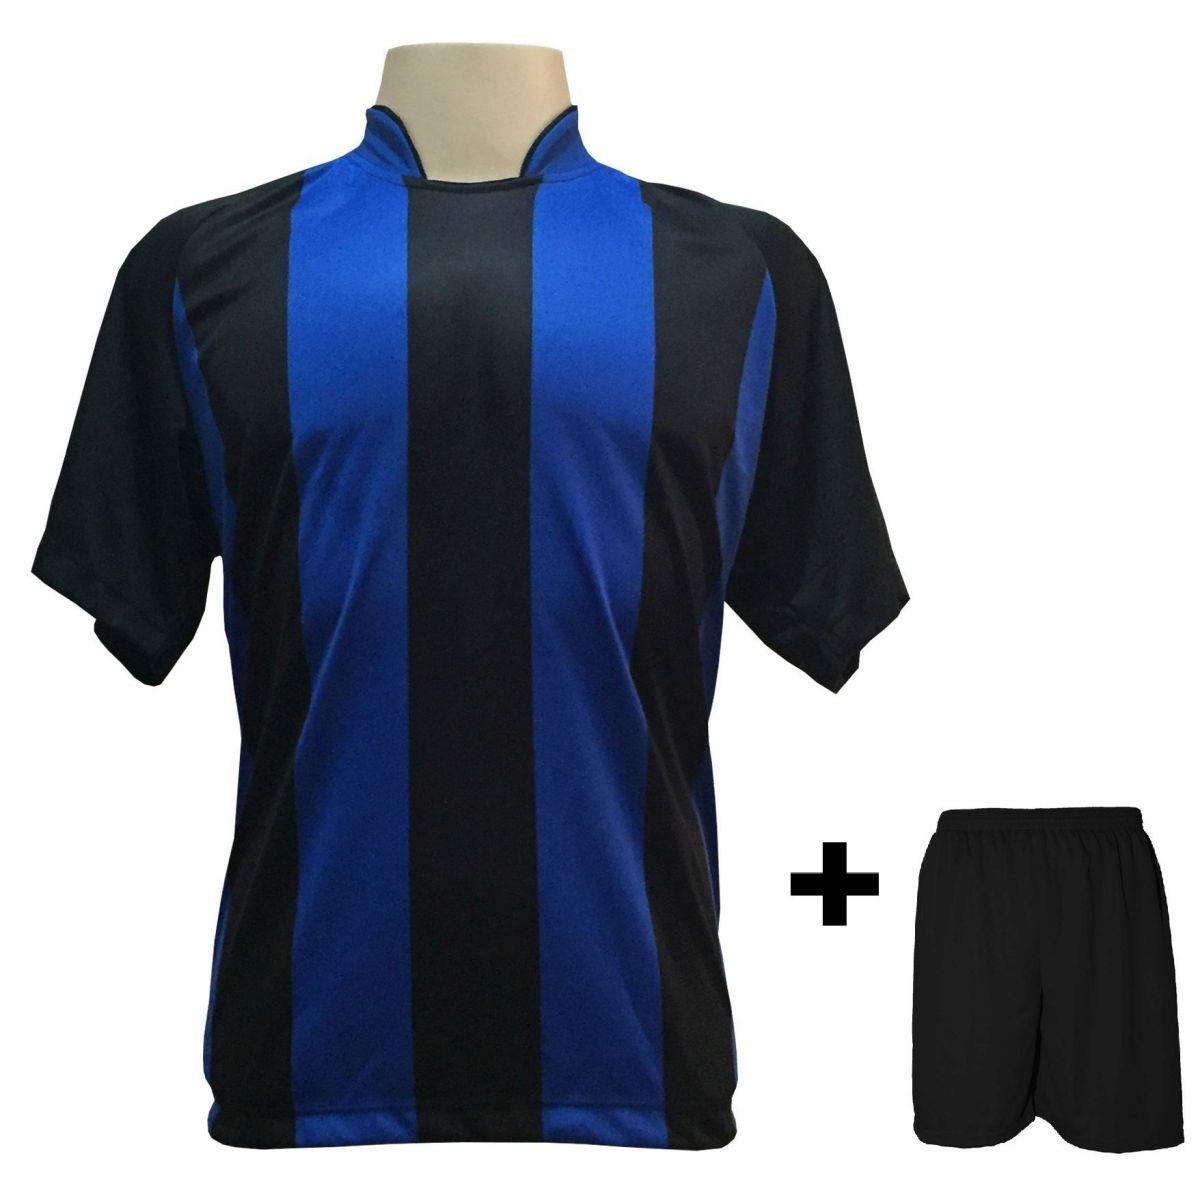 Uniforme Esportivo com 20 Camisas modelo Milan Preto/Royal + 20 Calções modelo Madrid Preto